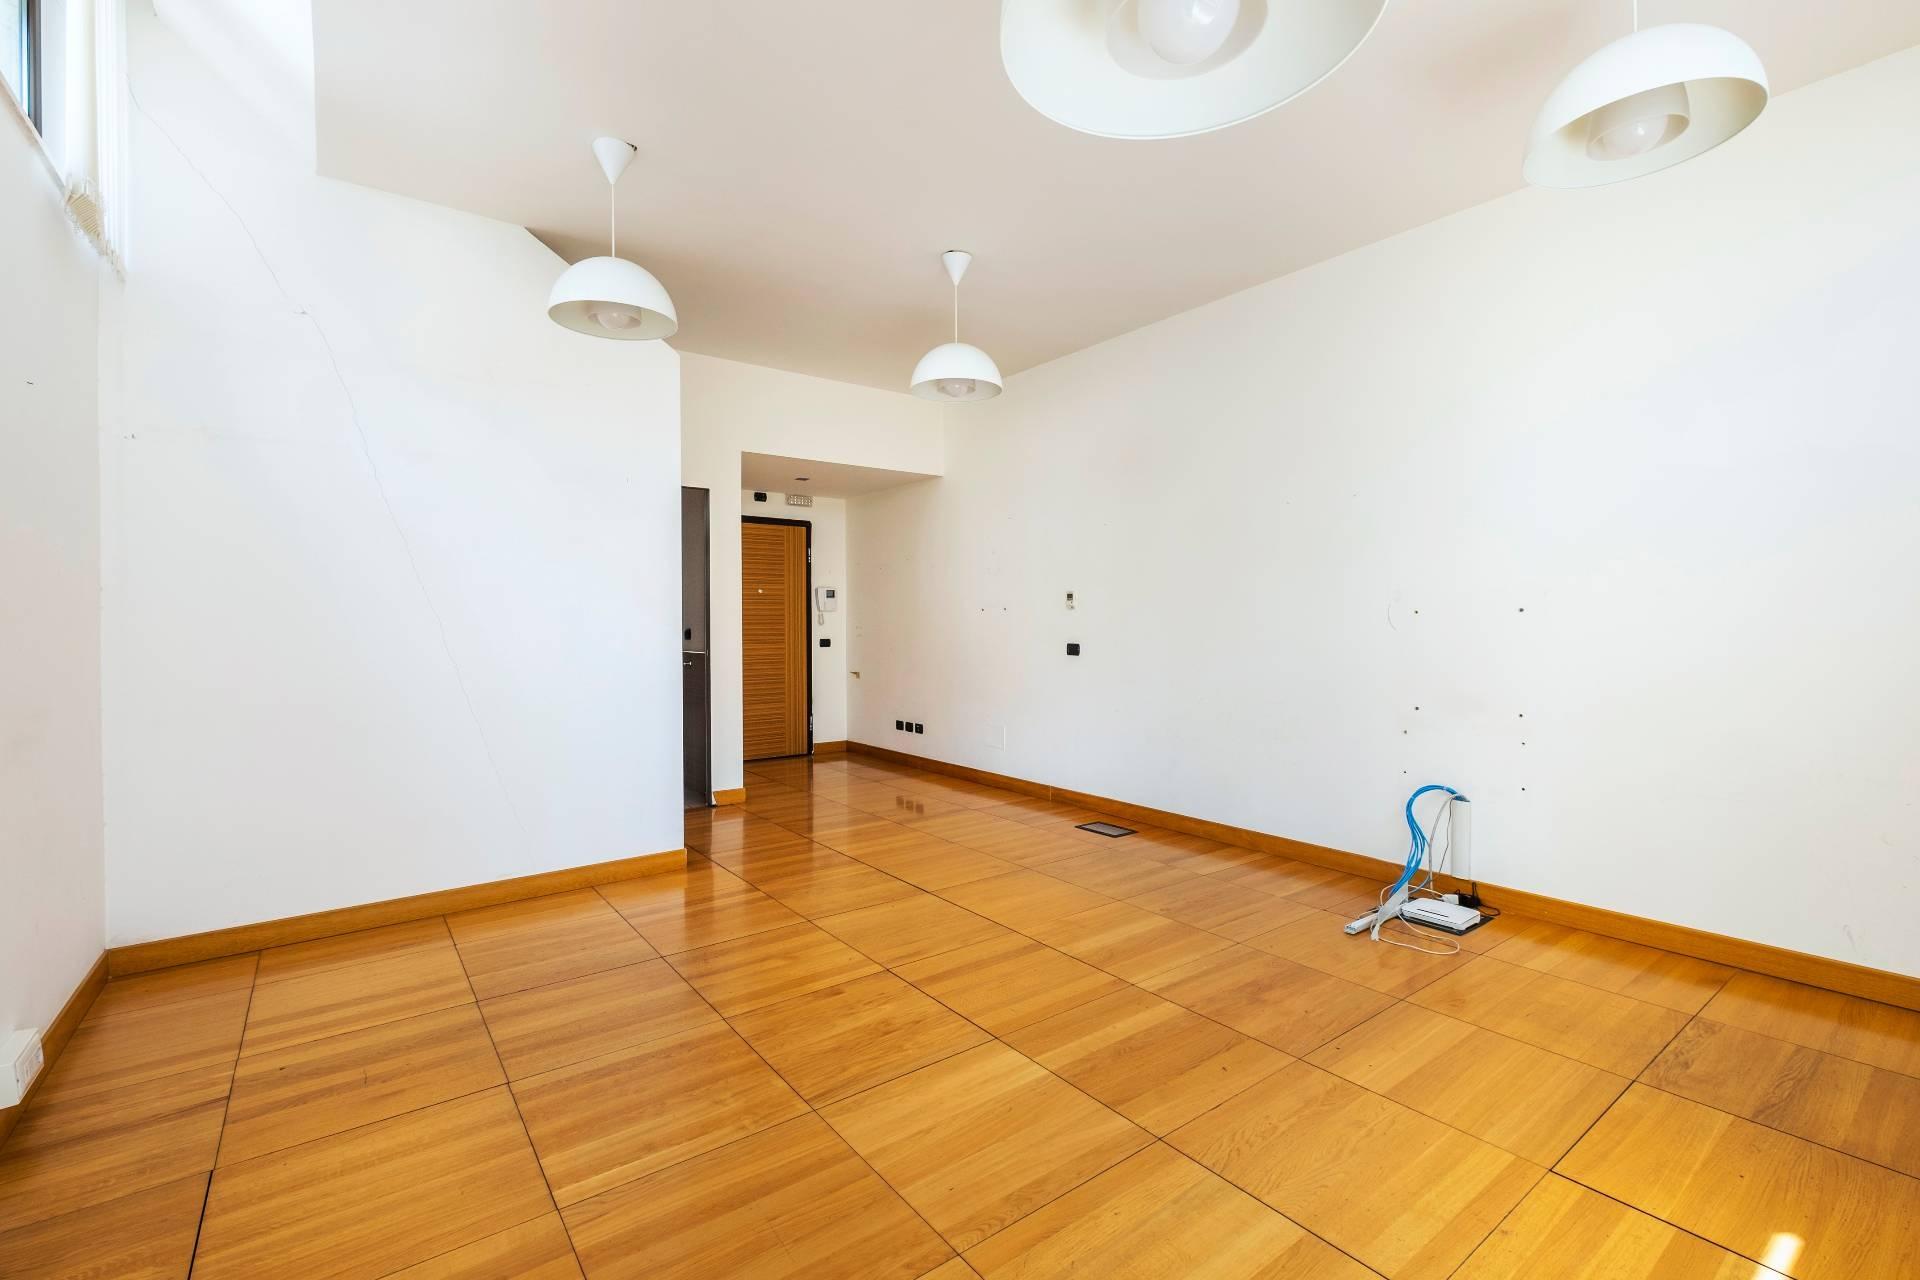 Appartamento in Vendita a Roma: 3 locali, 43 mq - Foto 4